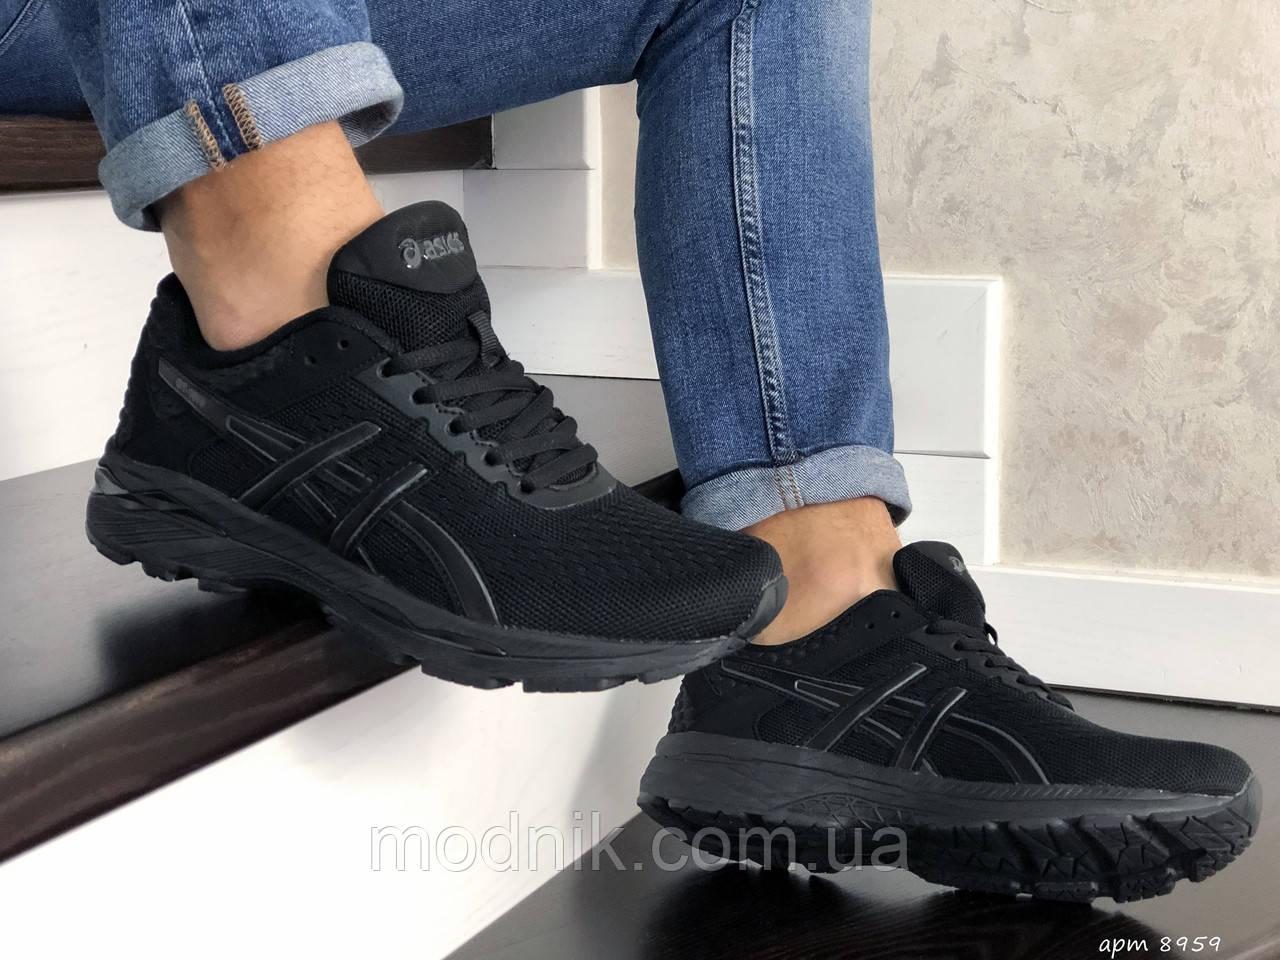 Чоловічі кросівки Asics GT1000 (чорні) 8959